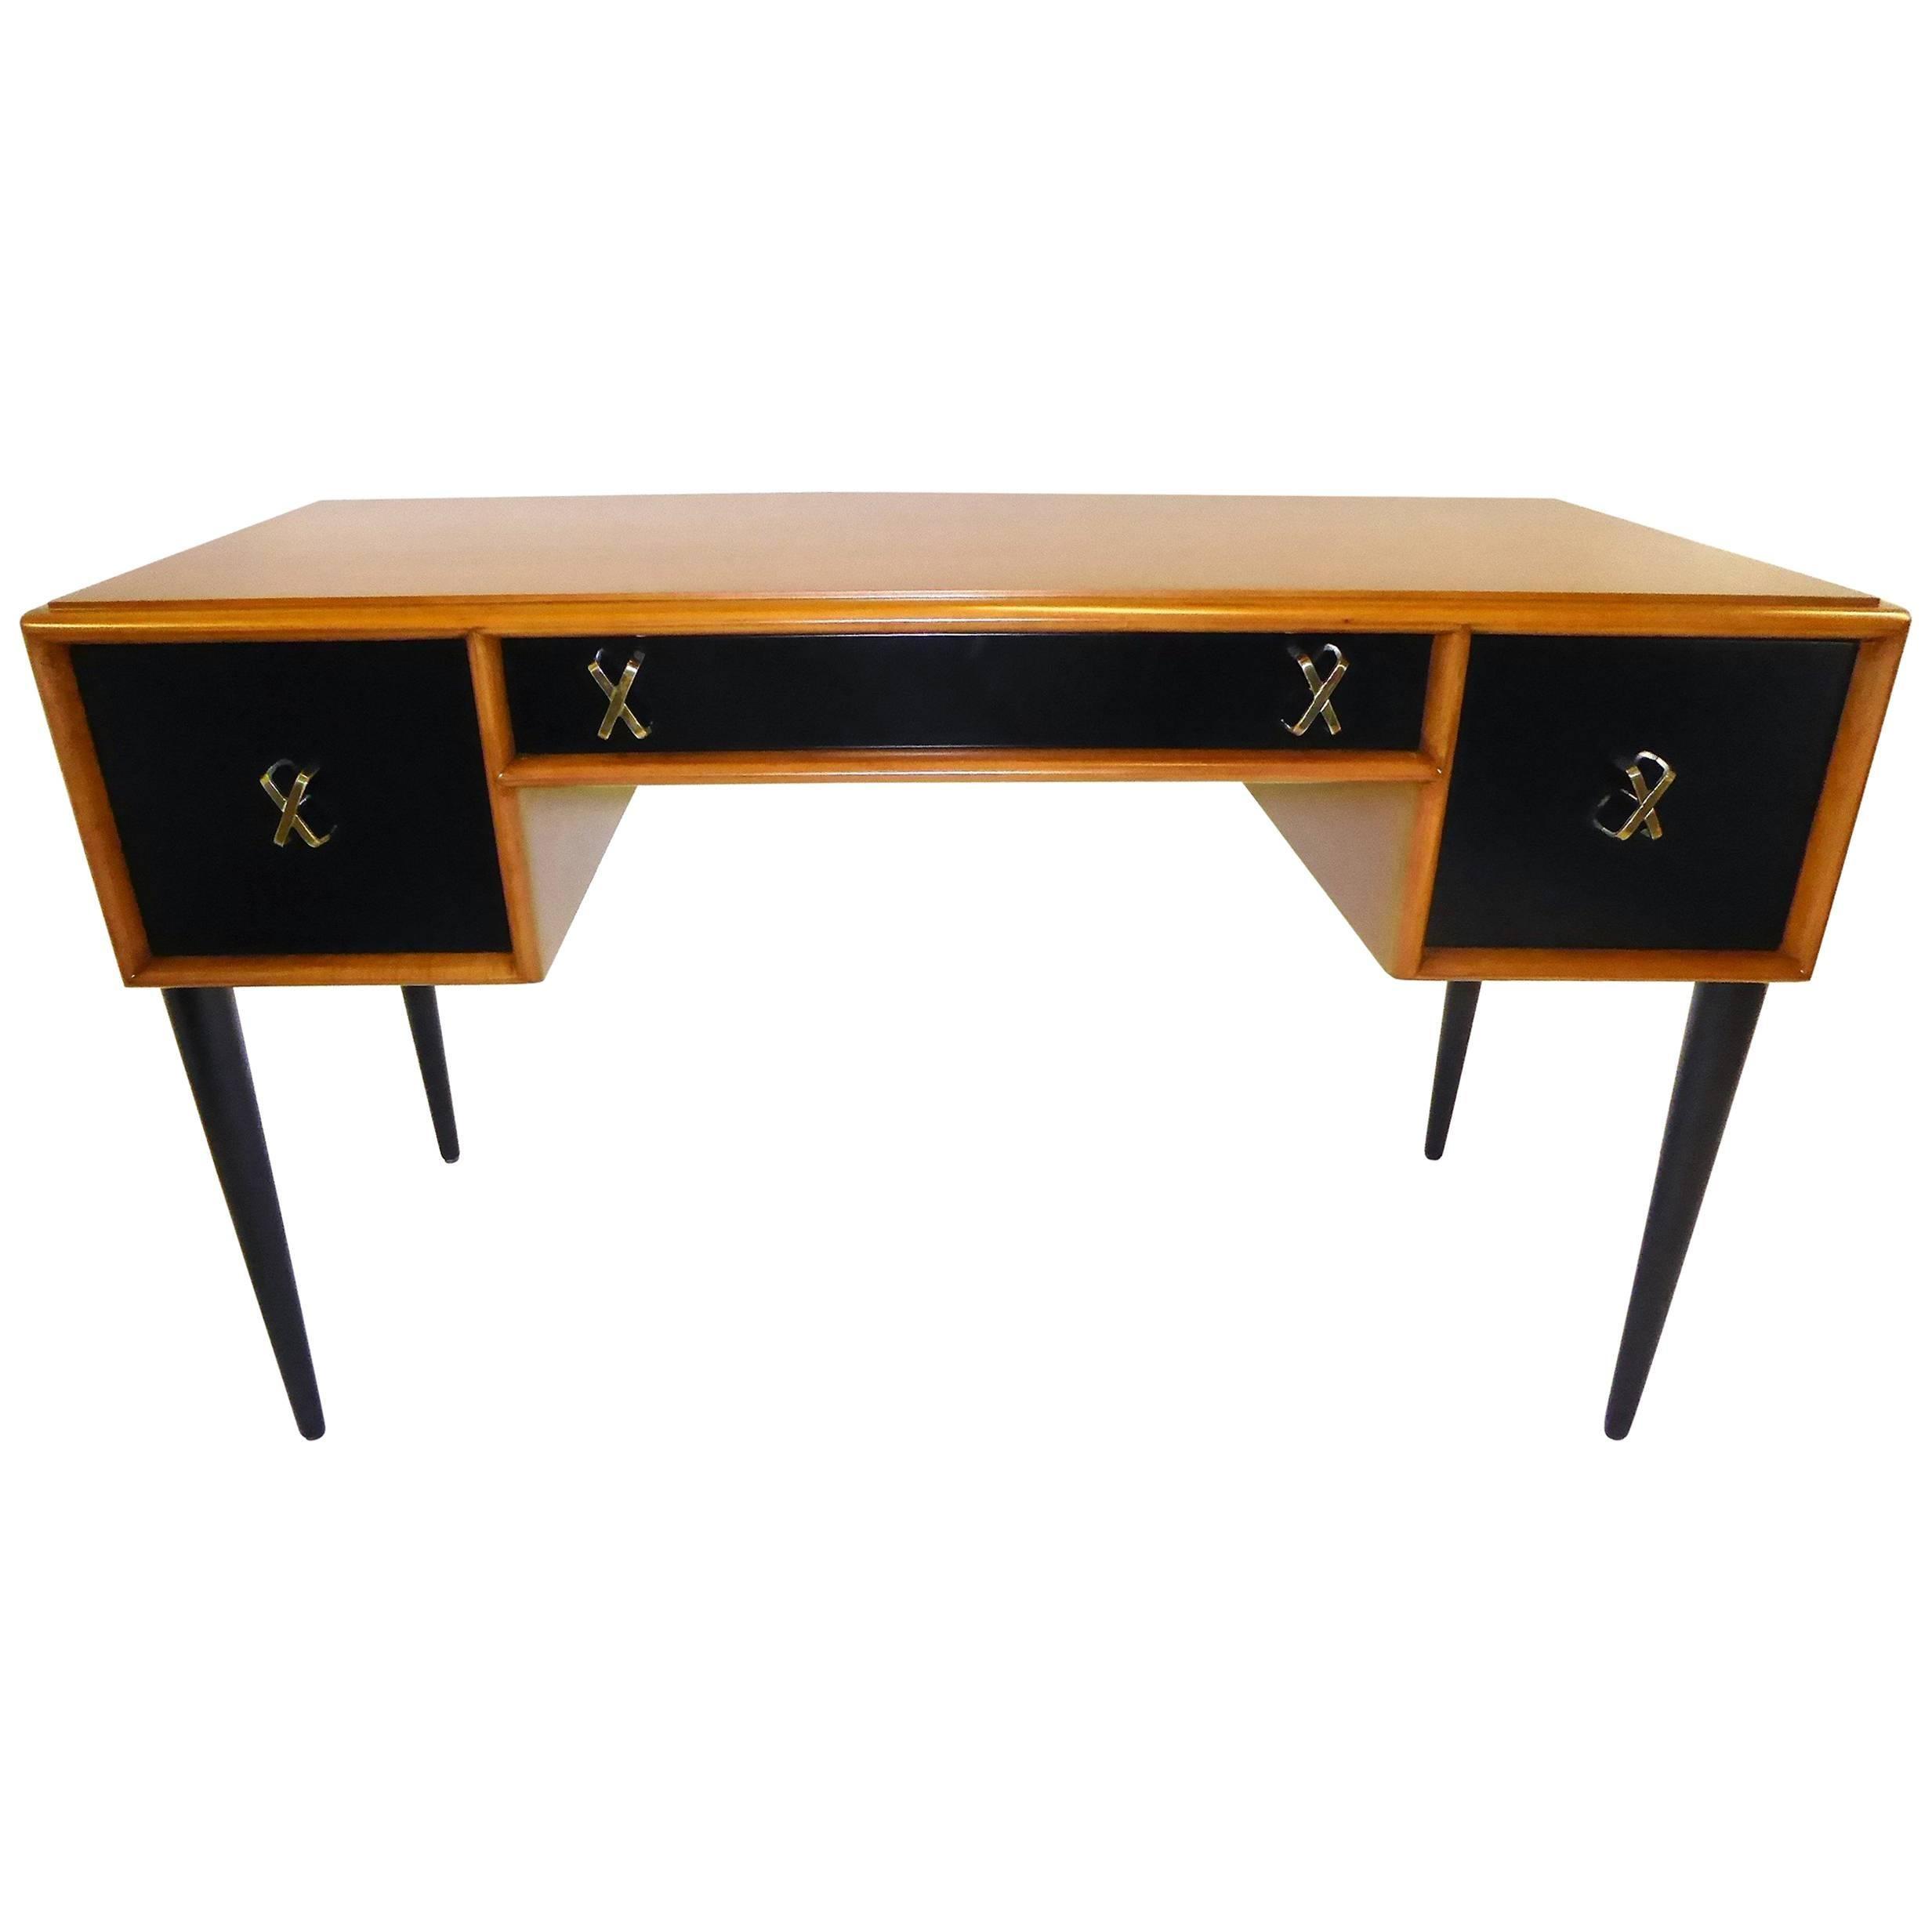 Beau Early 1950s Paul Frankl Desk Vanity For John Stuart Johnson Furniture At  1stdibs